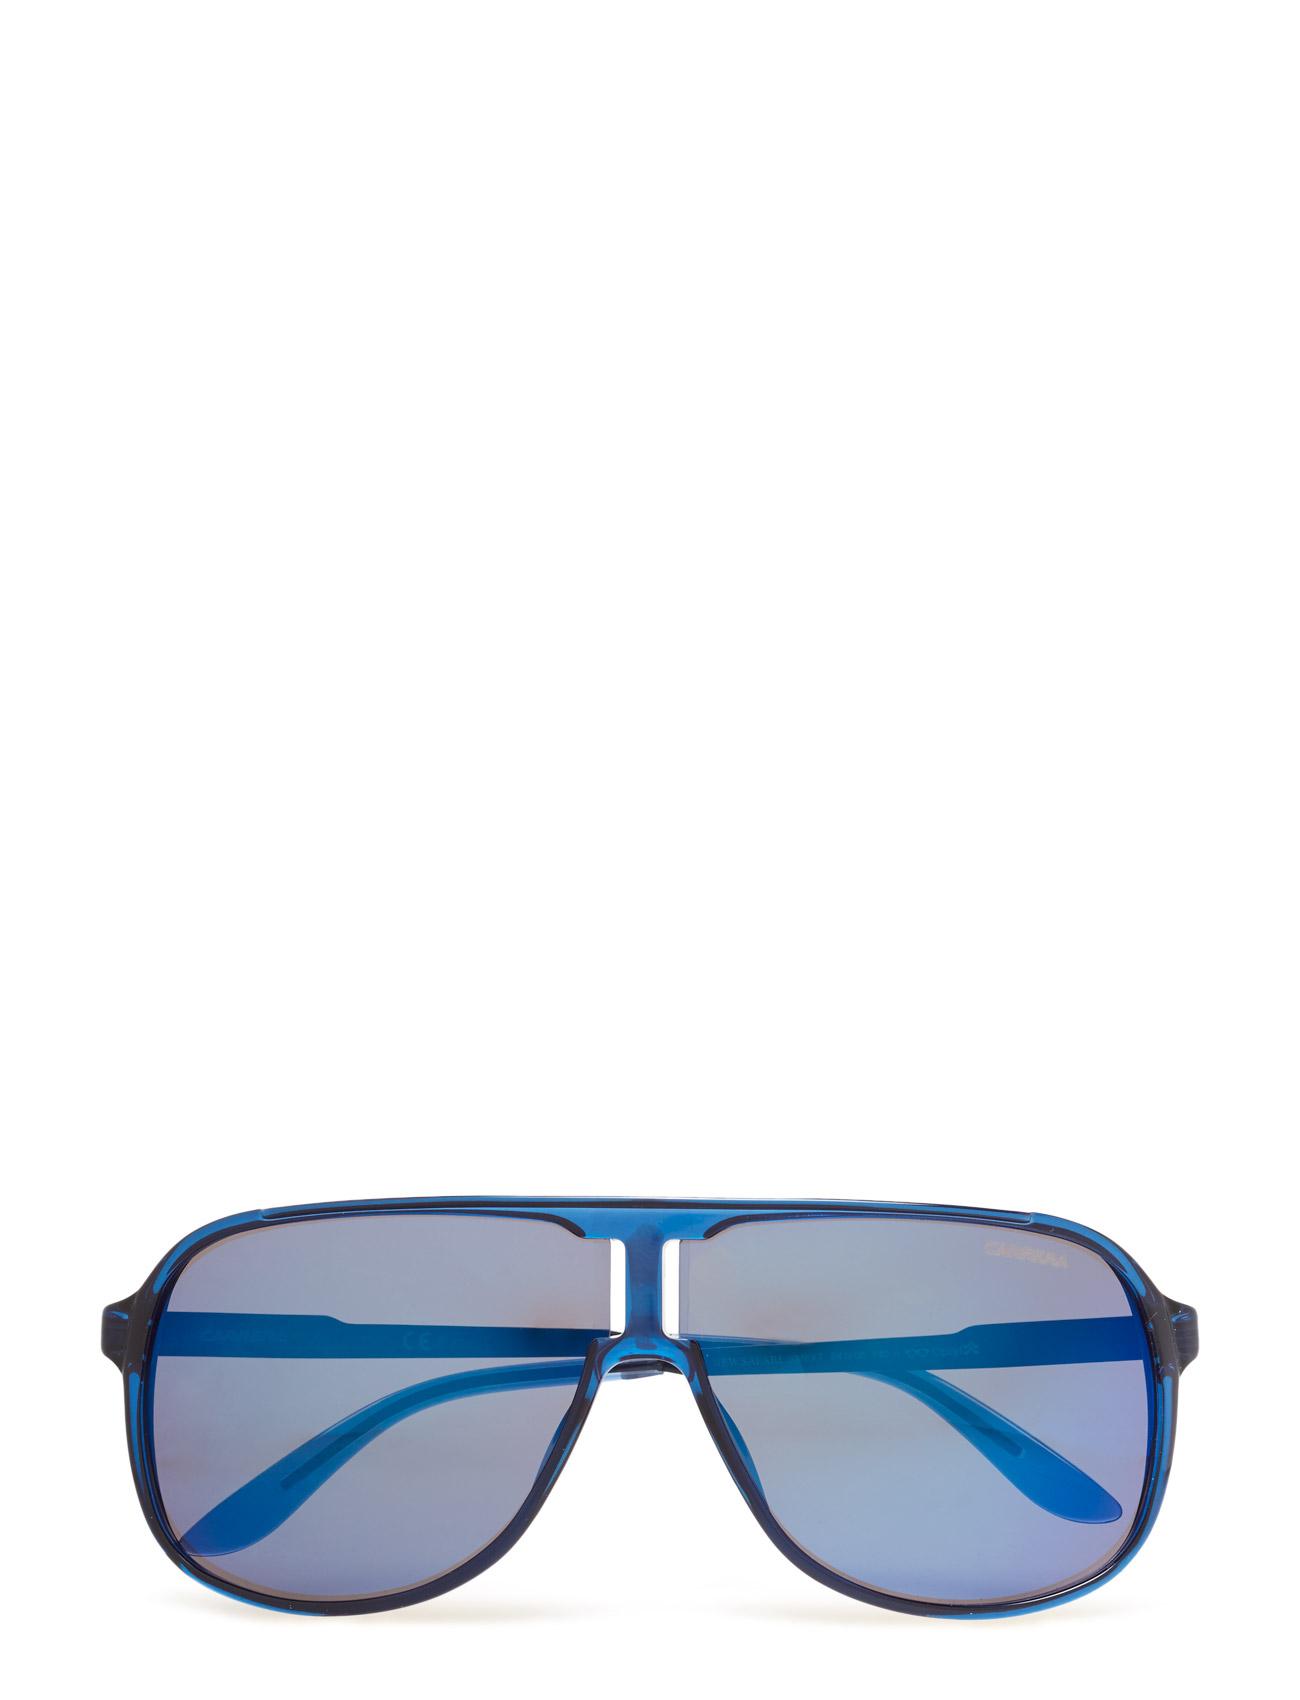 New Safari Carrera Solbriller til Herrer i Blå